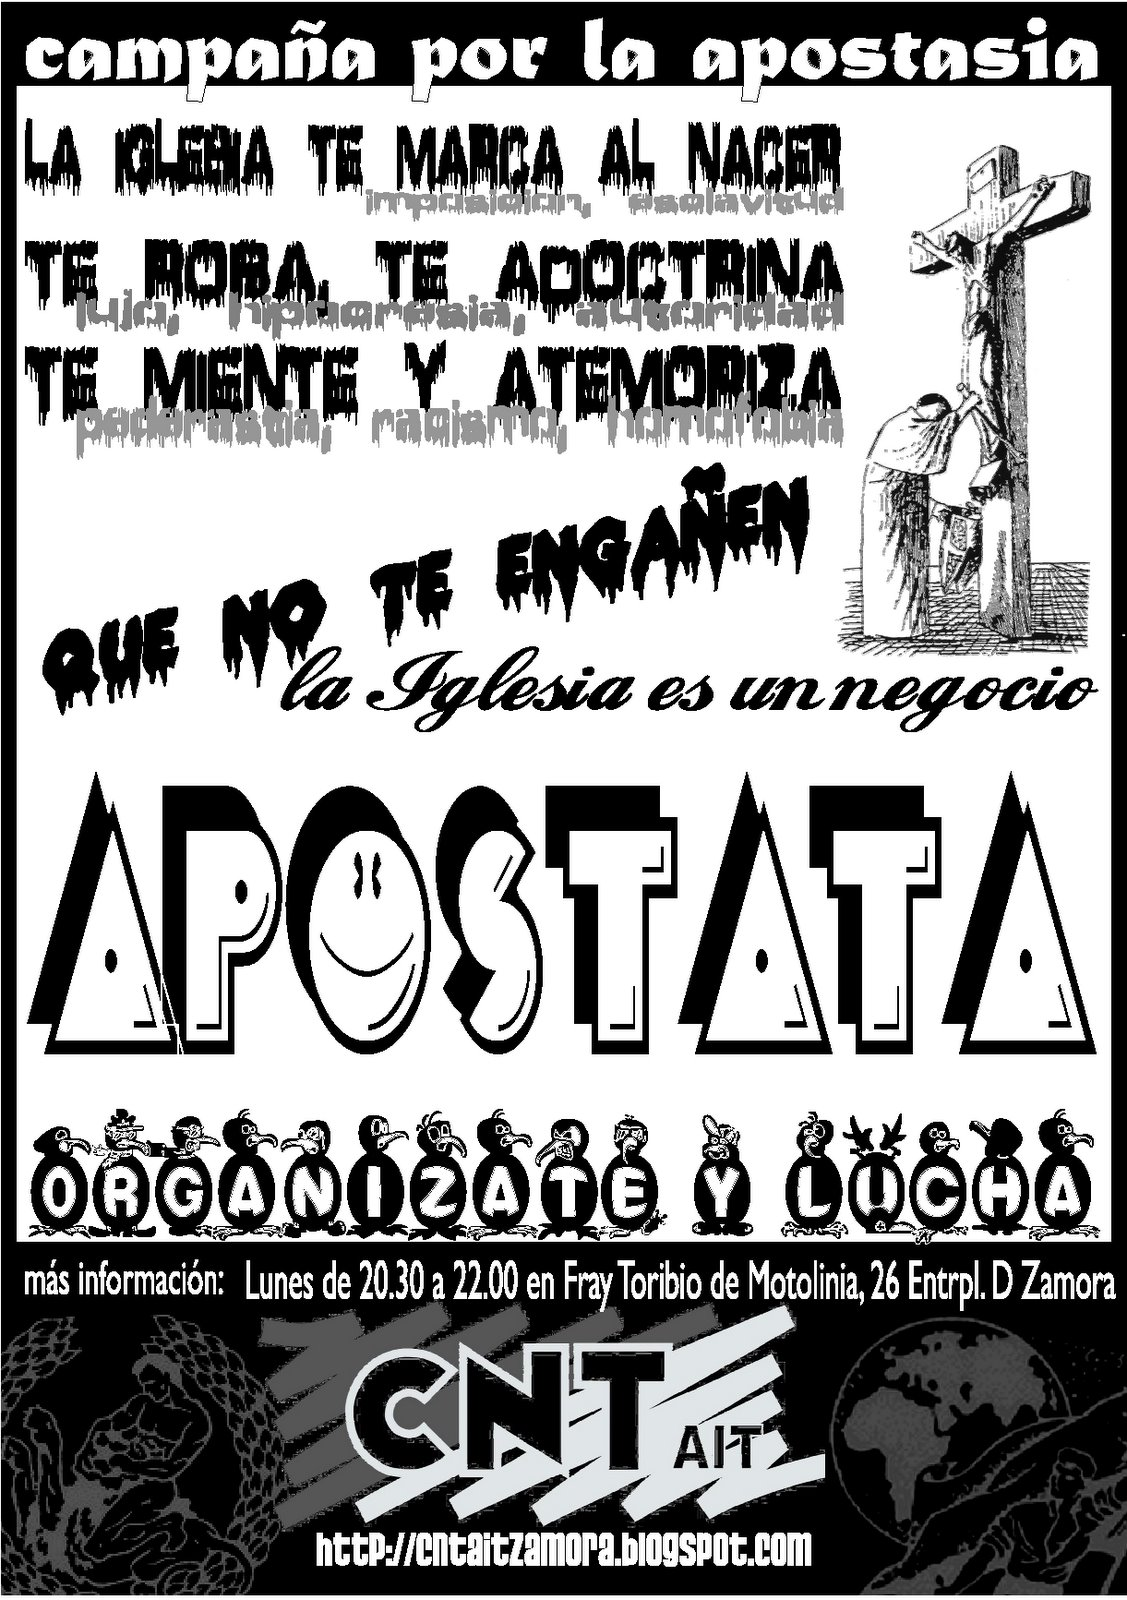 CAMPAÑA POR LA APOSTASÍA 2008